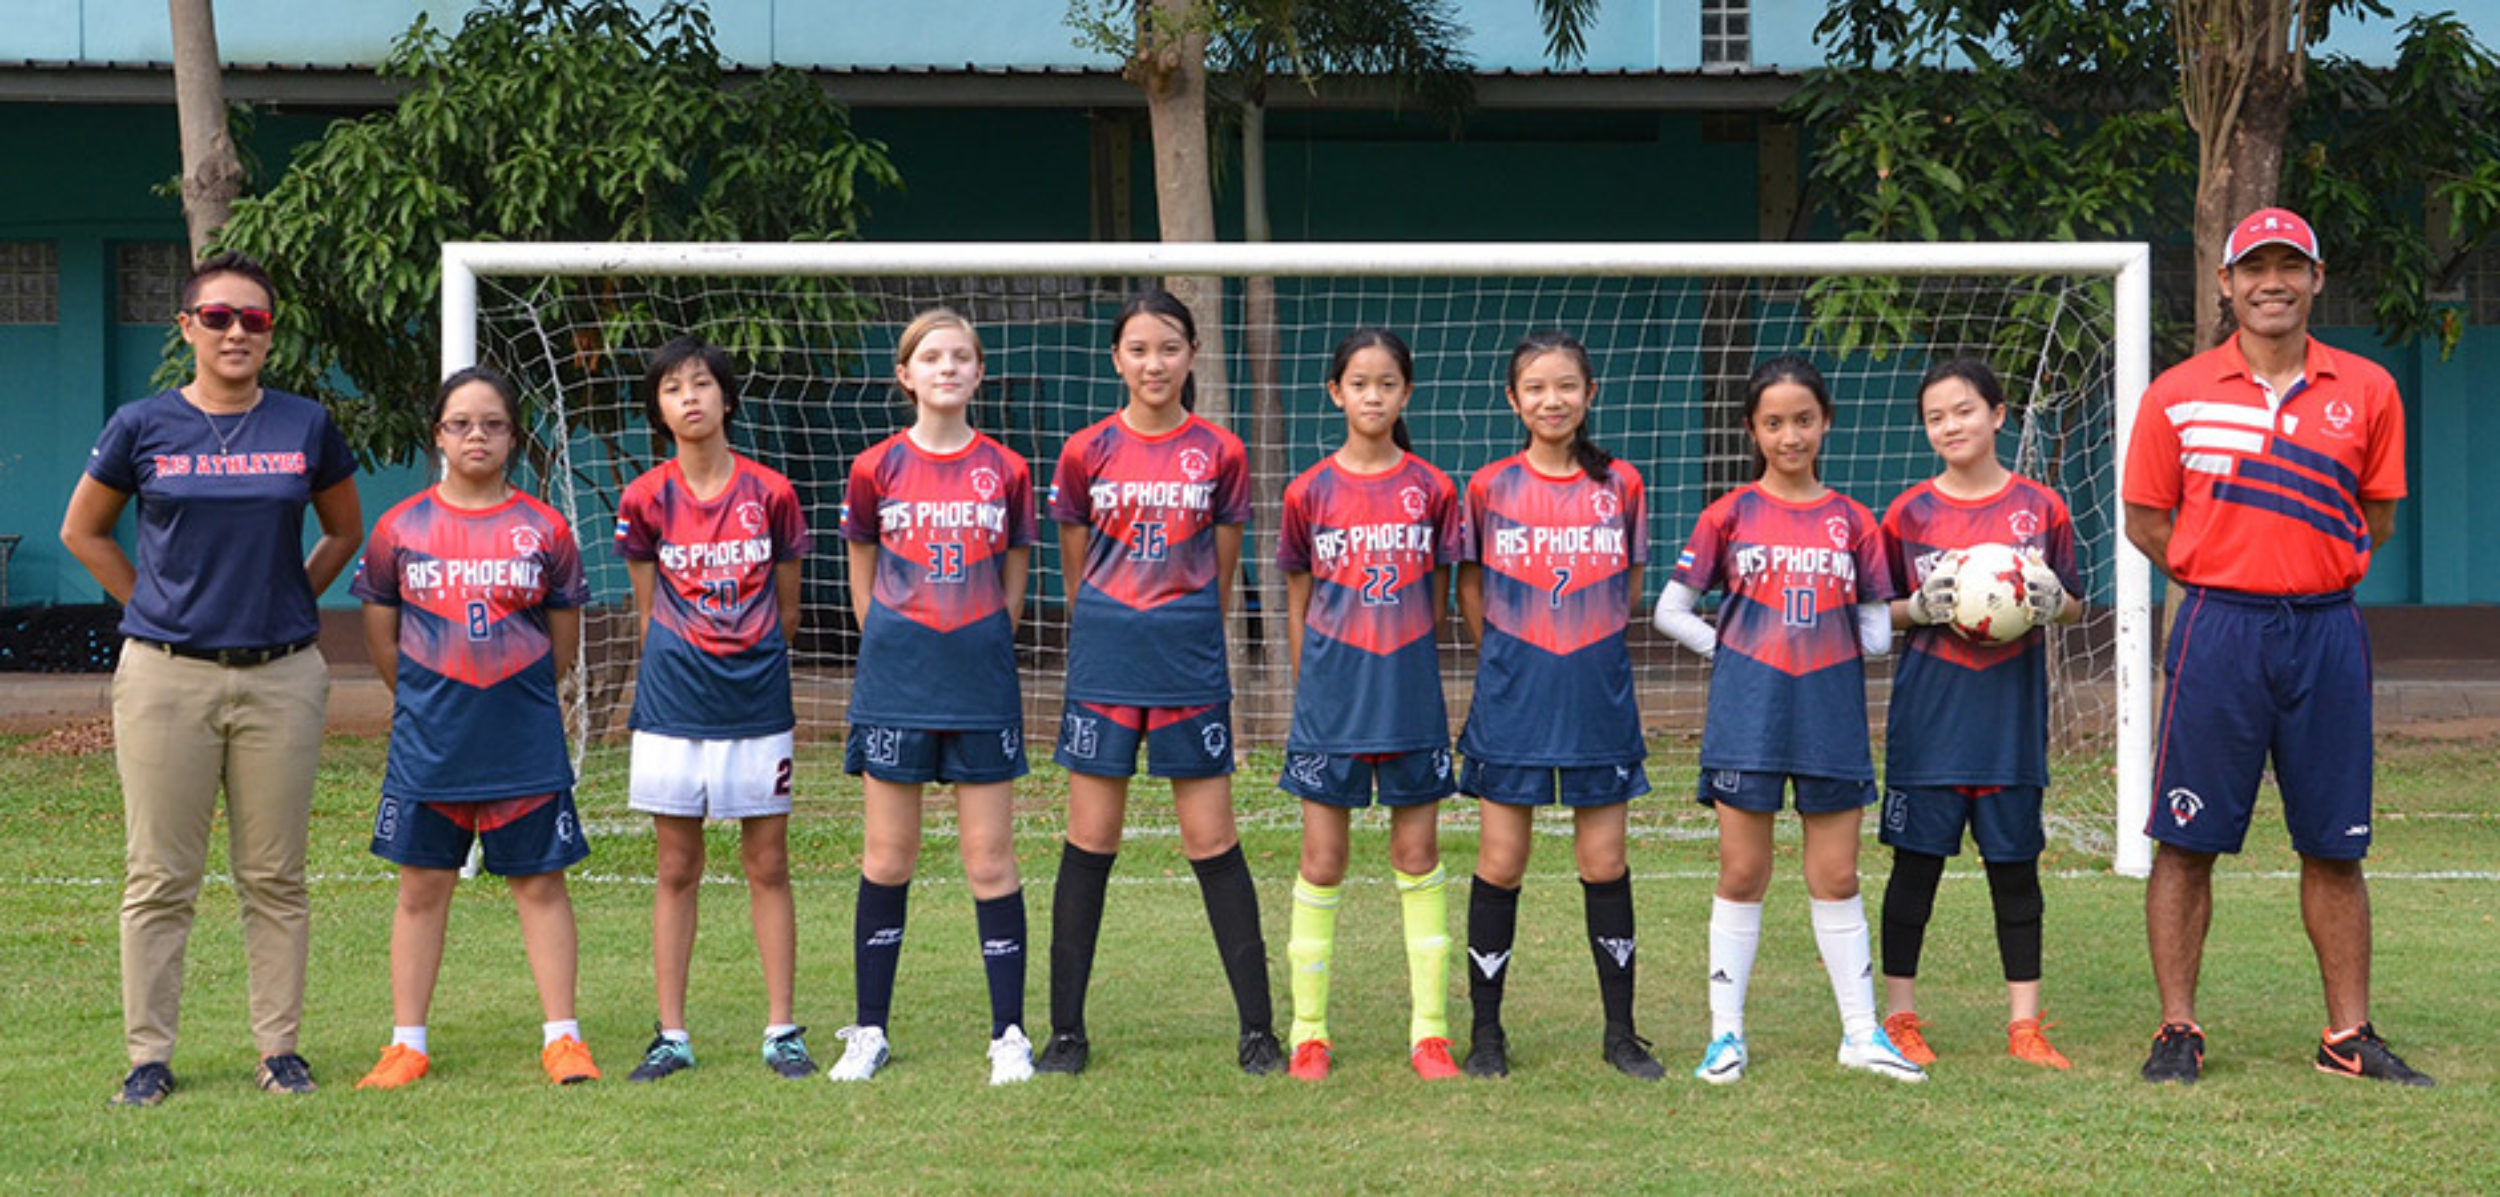 U13 Girls Soccer